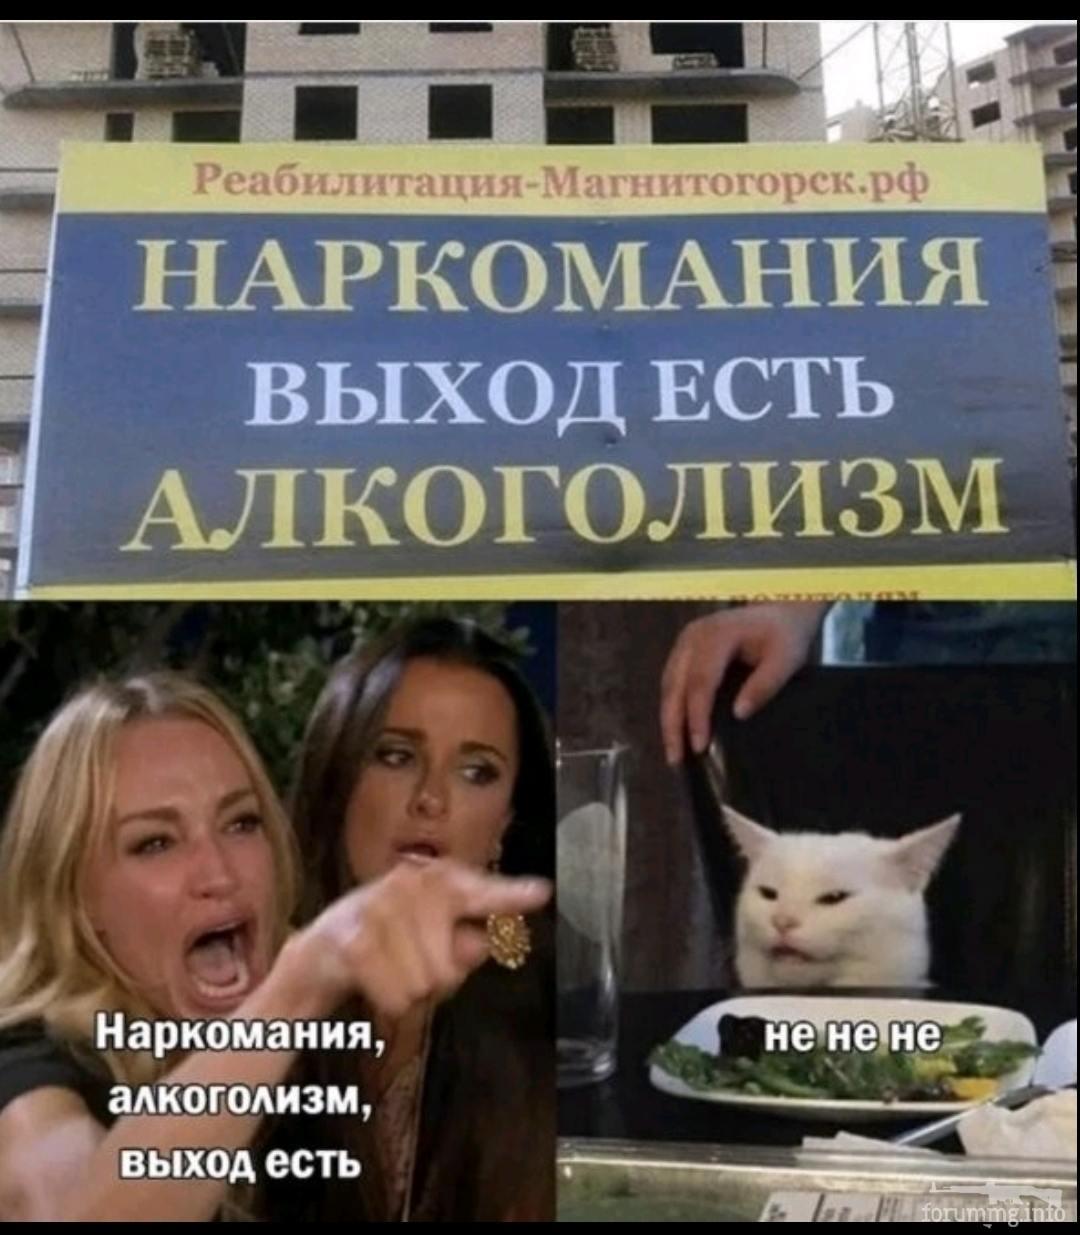 139757 - Пить или не пить? - пятничная алкогольная тема )))